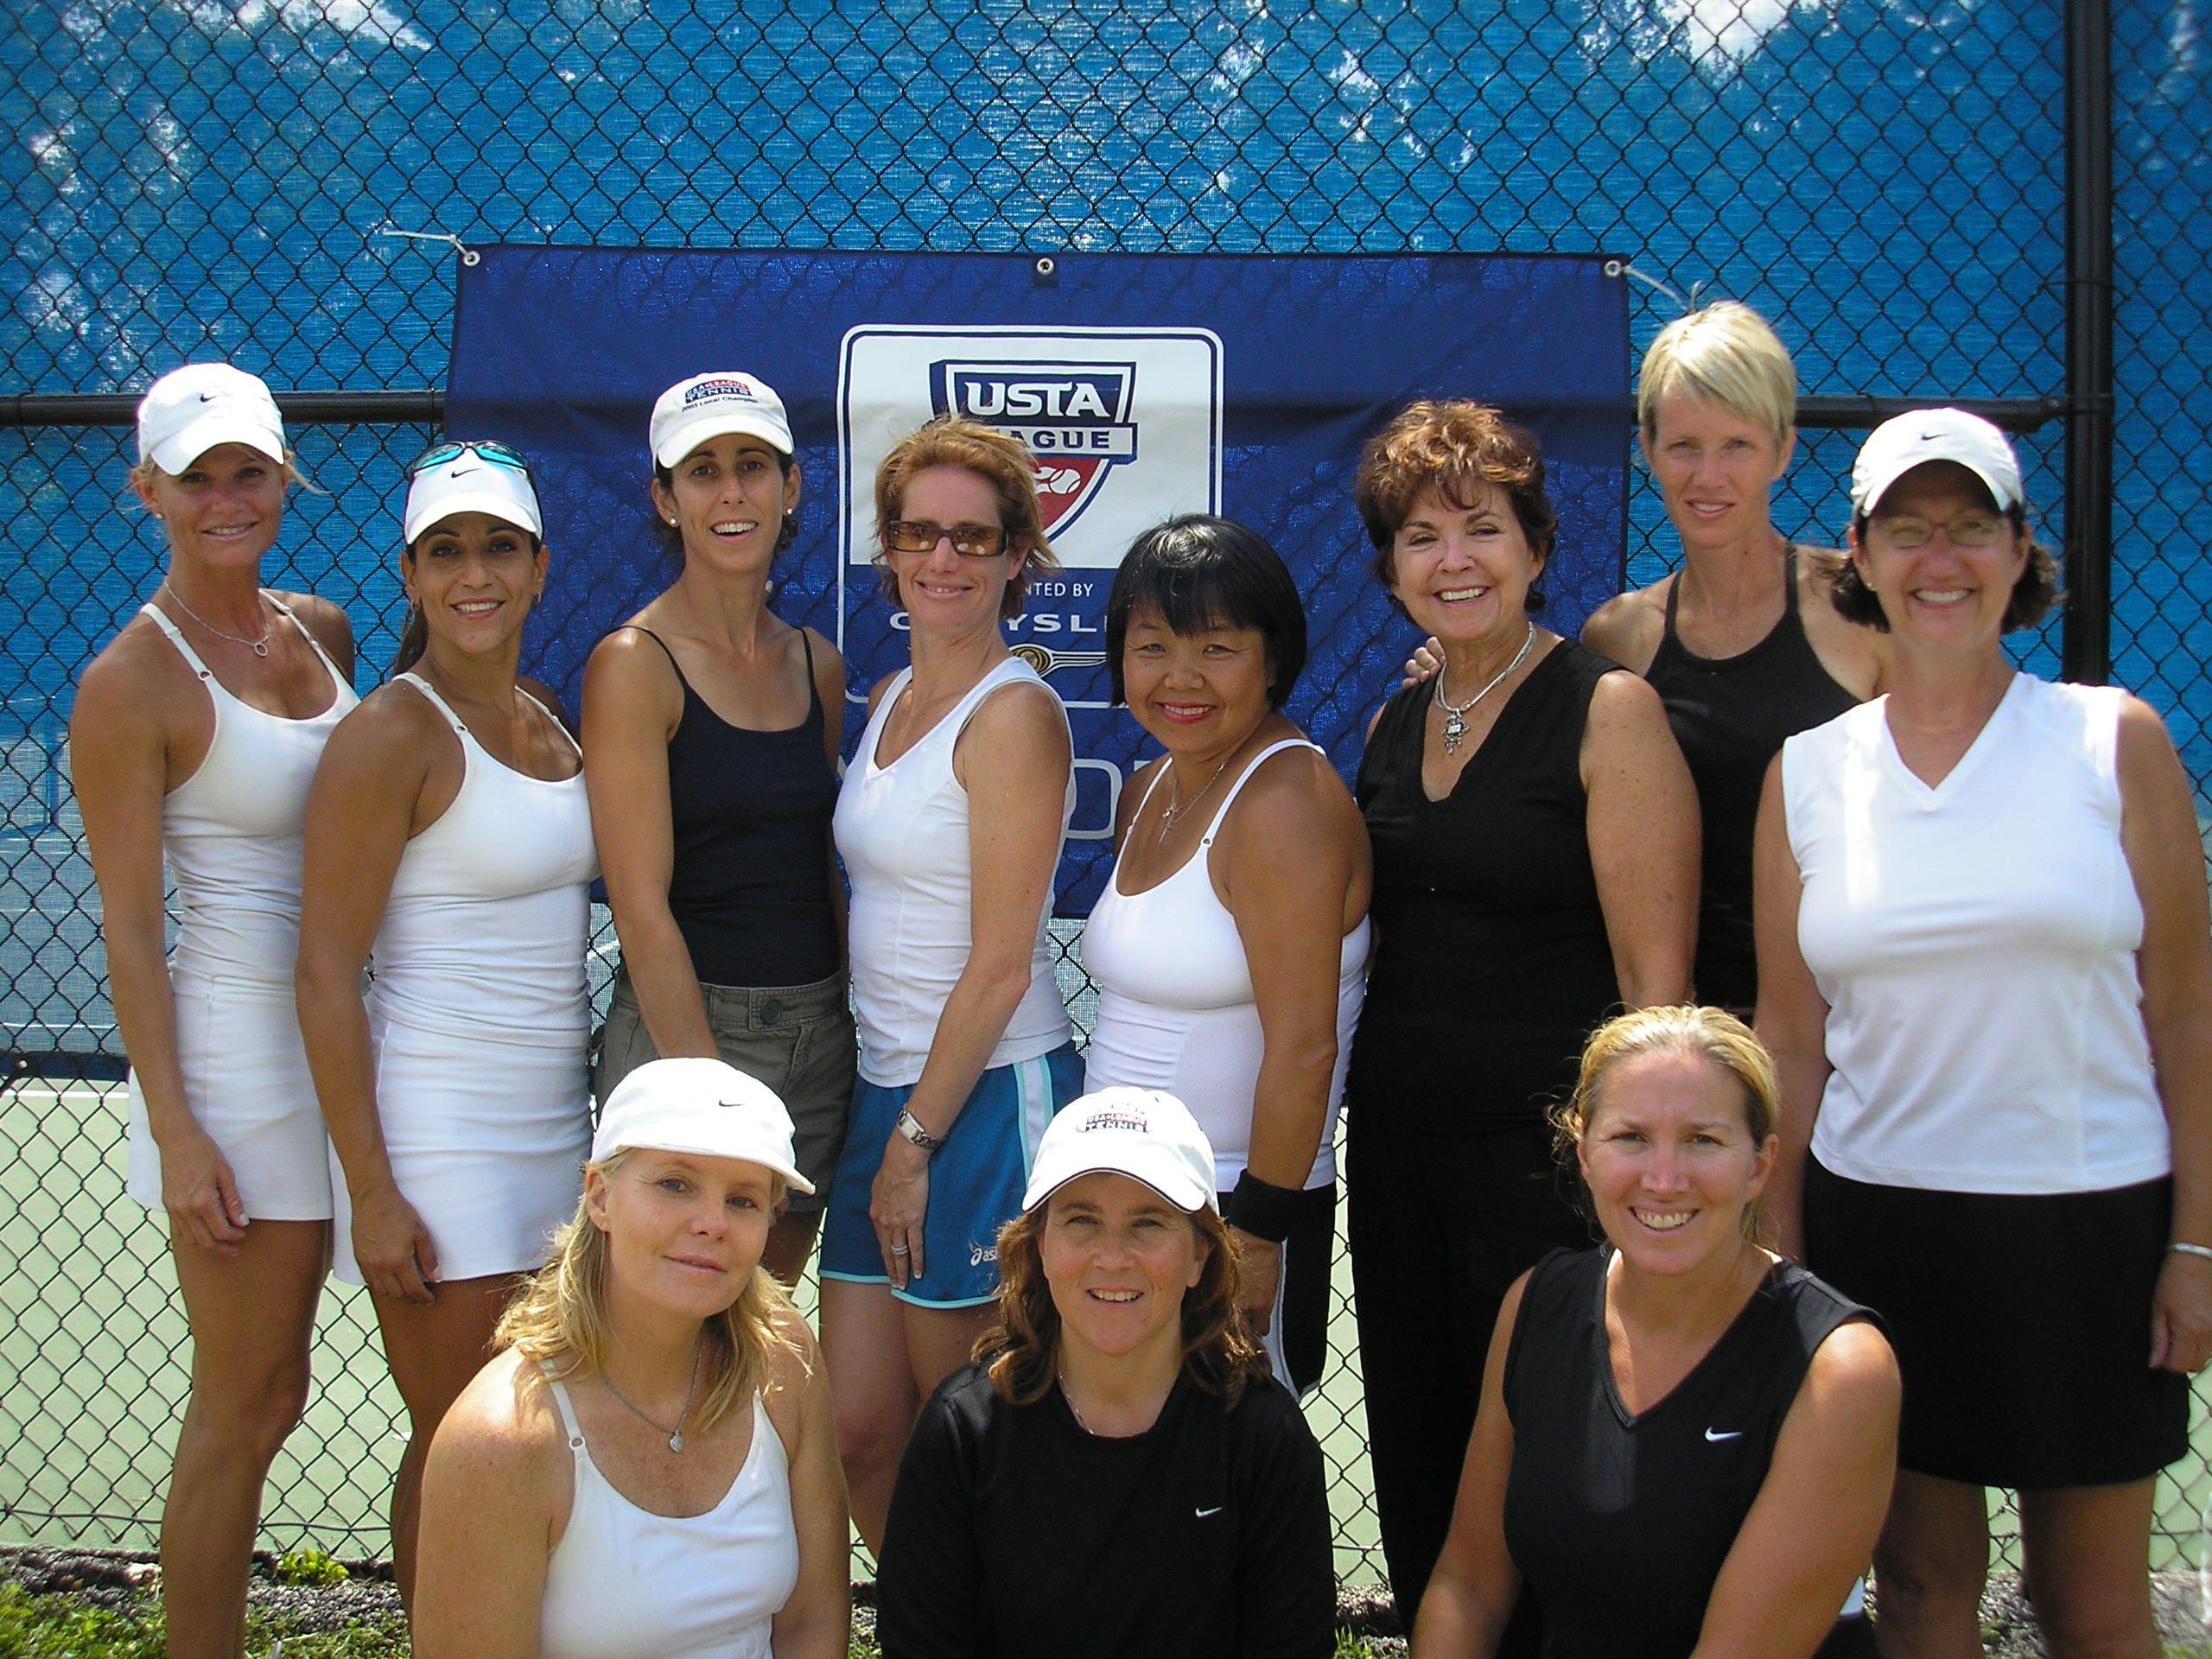 4.0 Women, Northeast Racquet Club